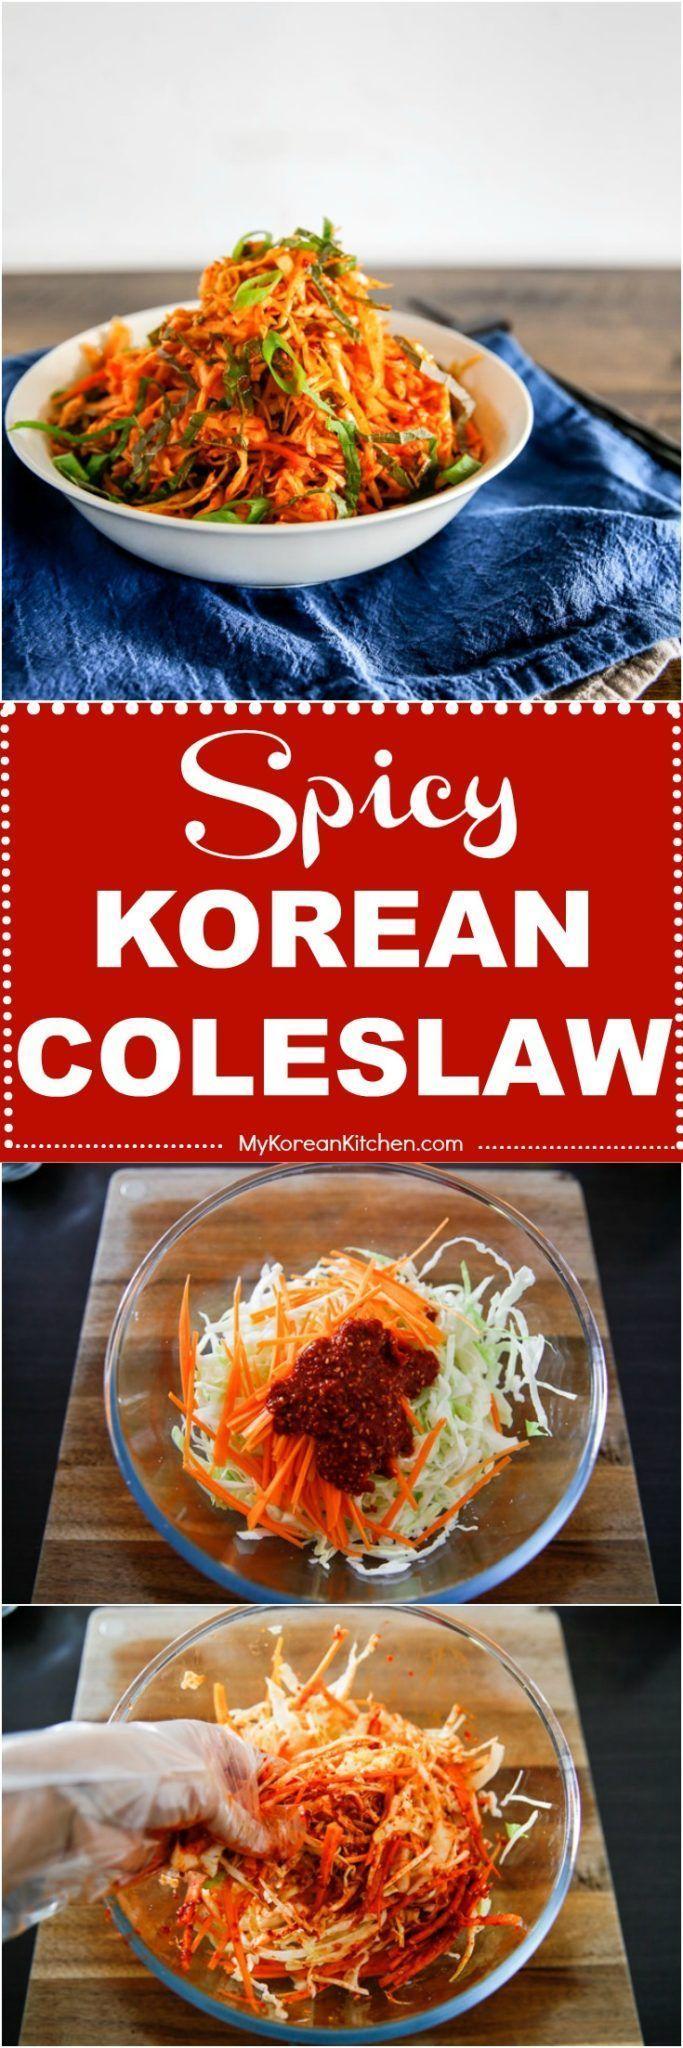 Spicy Korean Coleslaw.